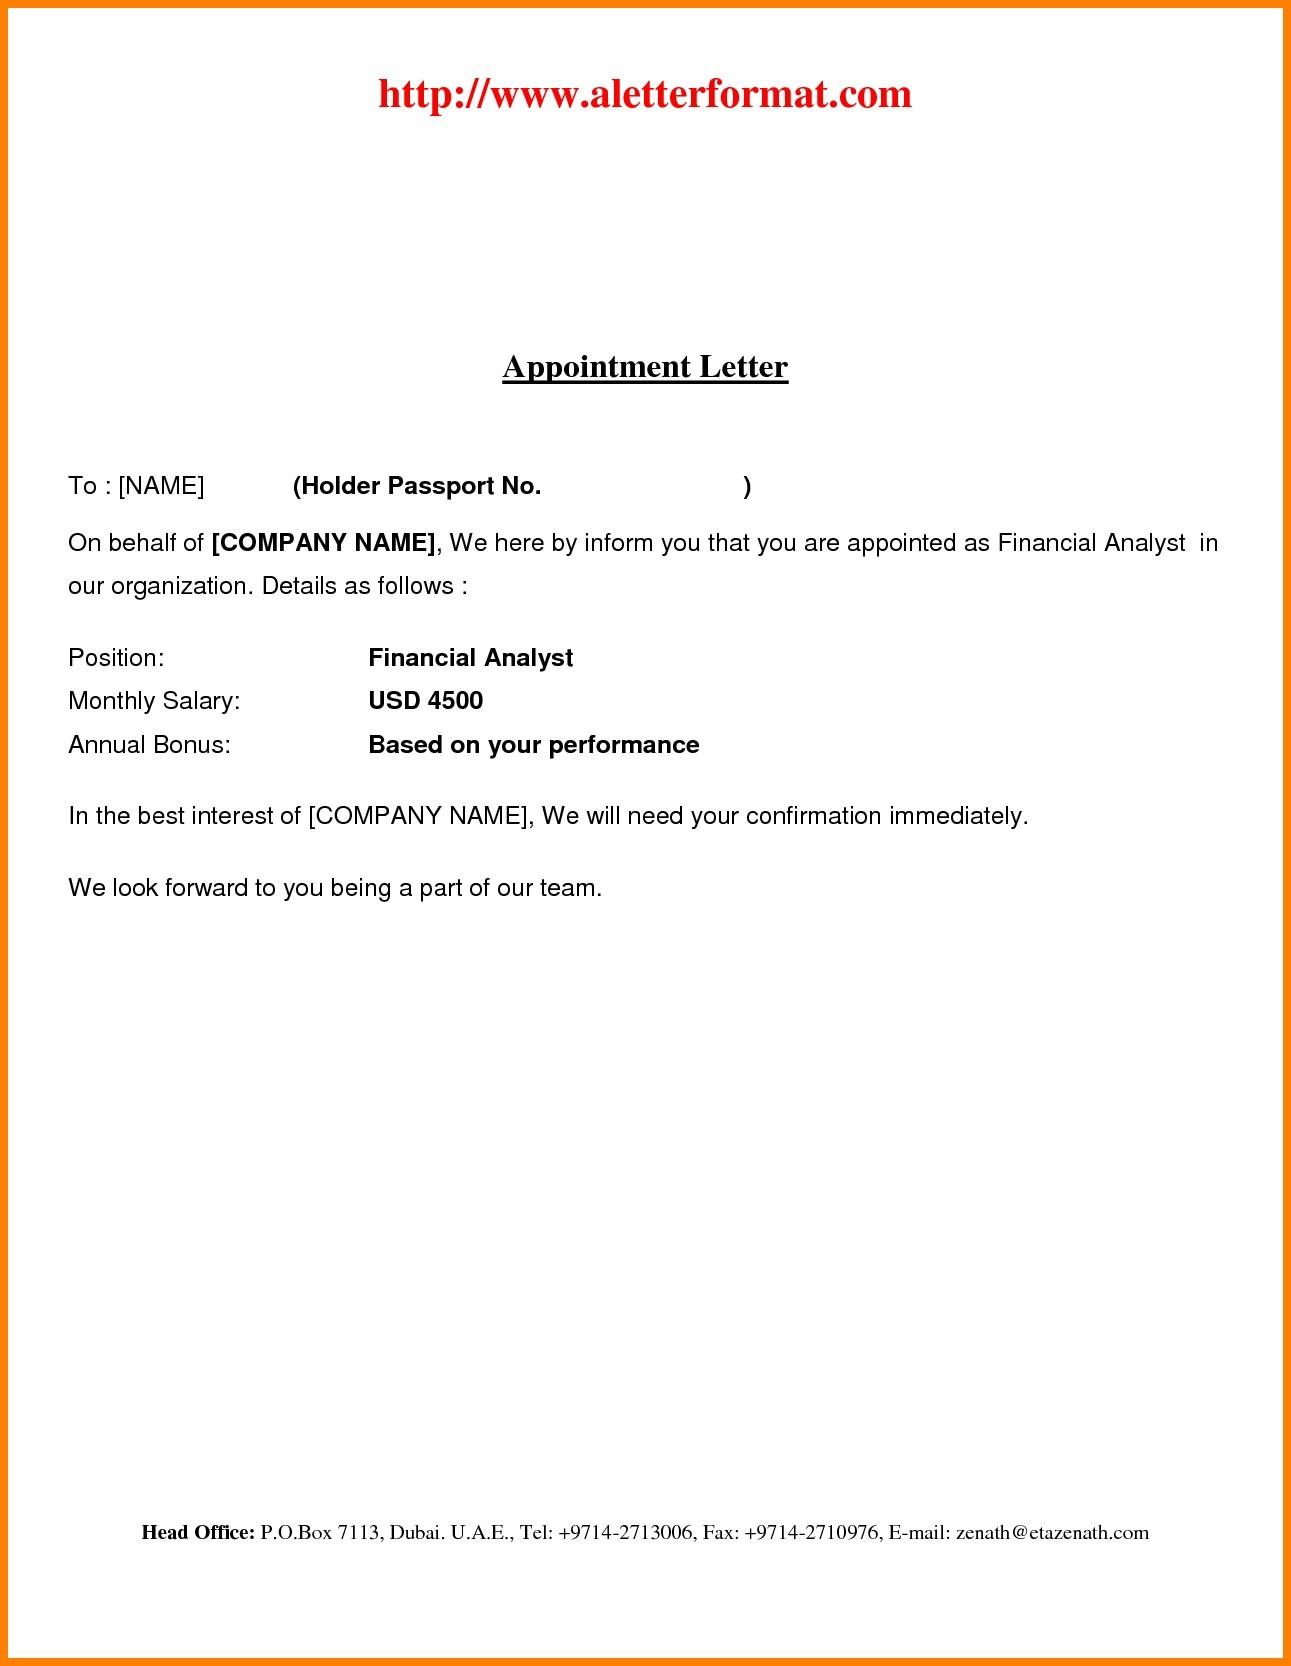 Job Offer Decline Letter Template - Offer Letter format In Dubai Acurnamedia